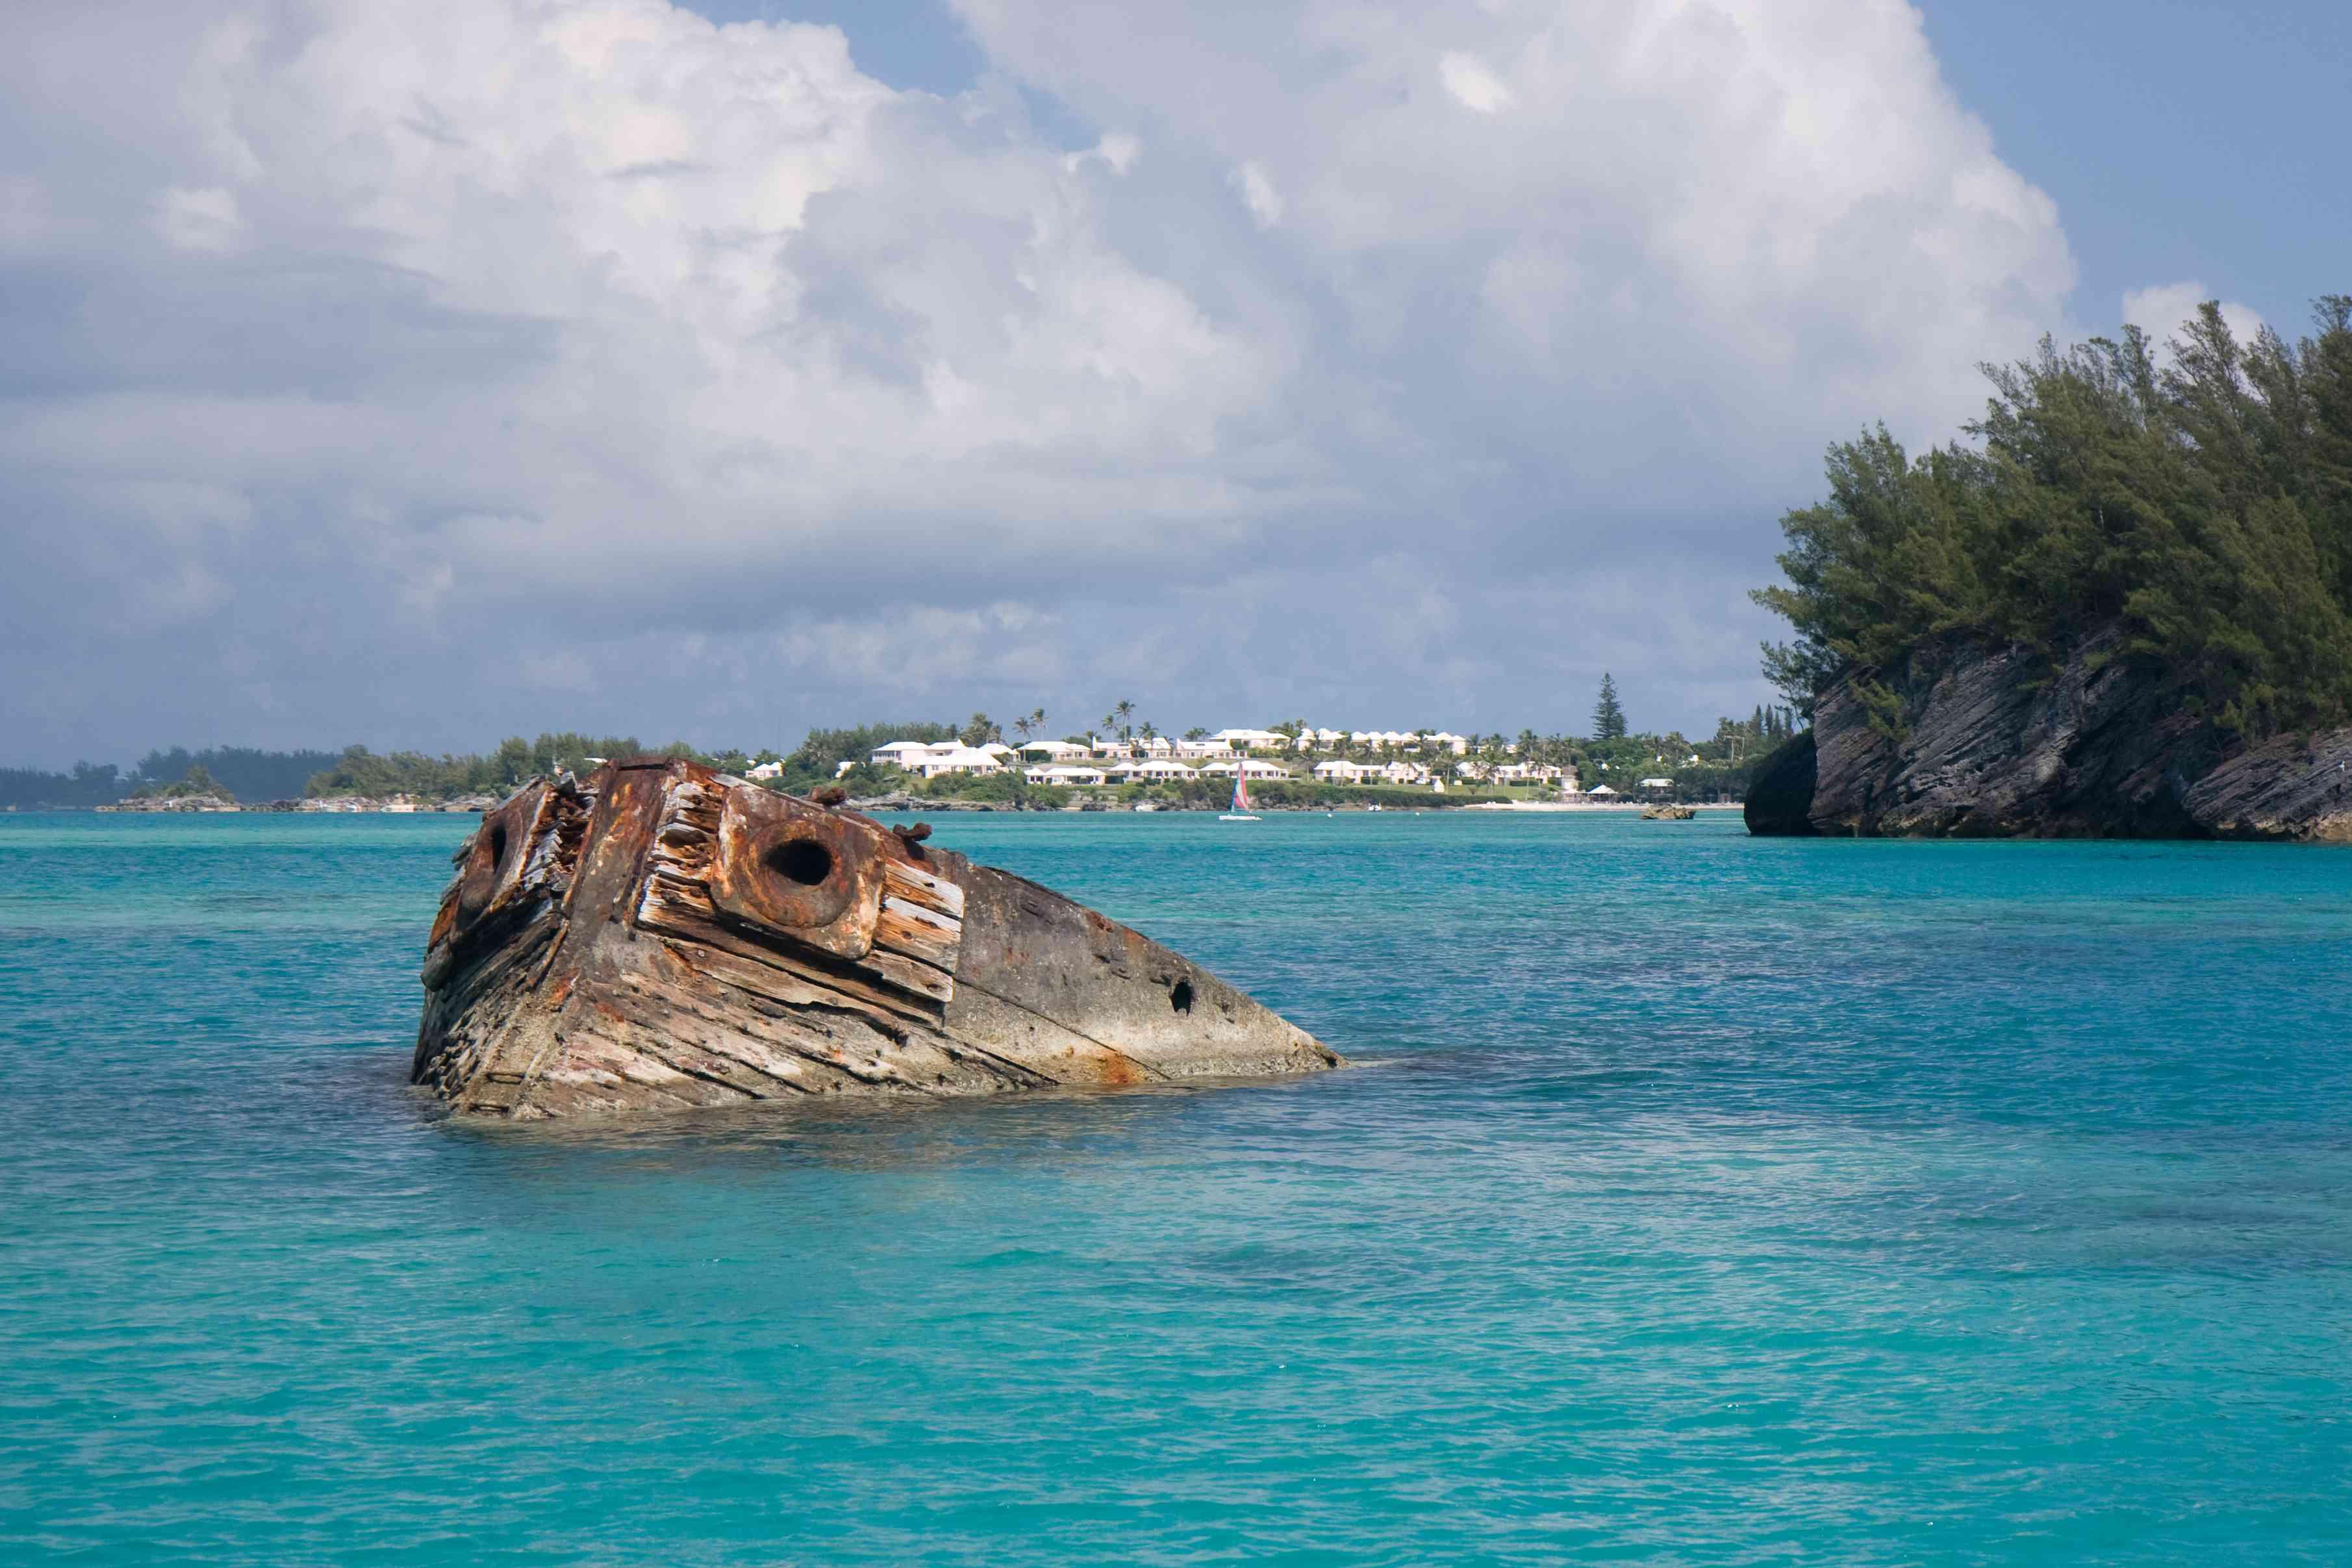 The Vixen wreck, Bermuda